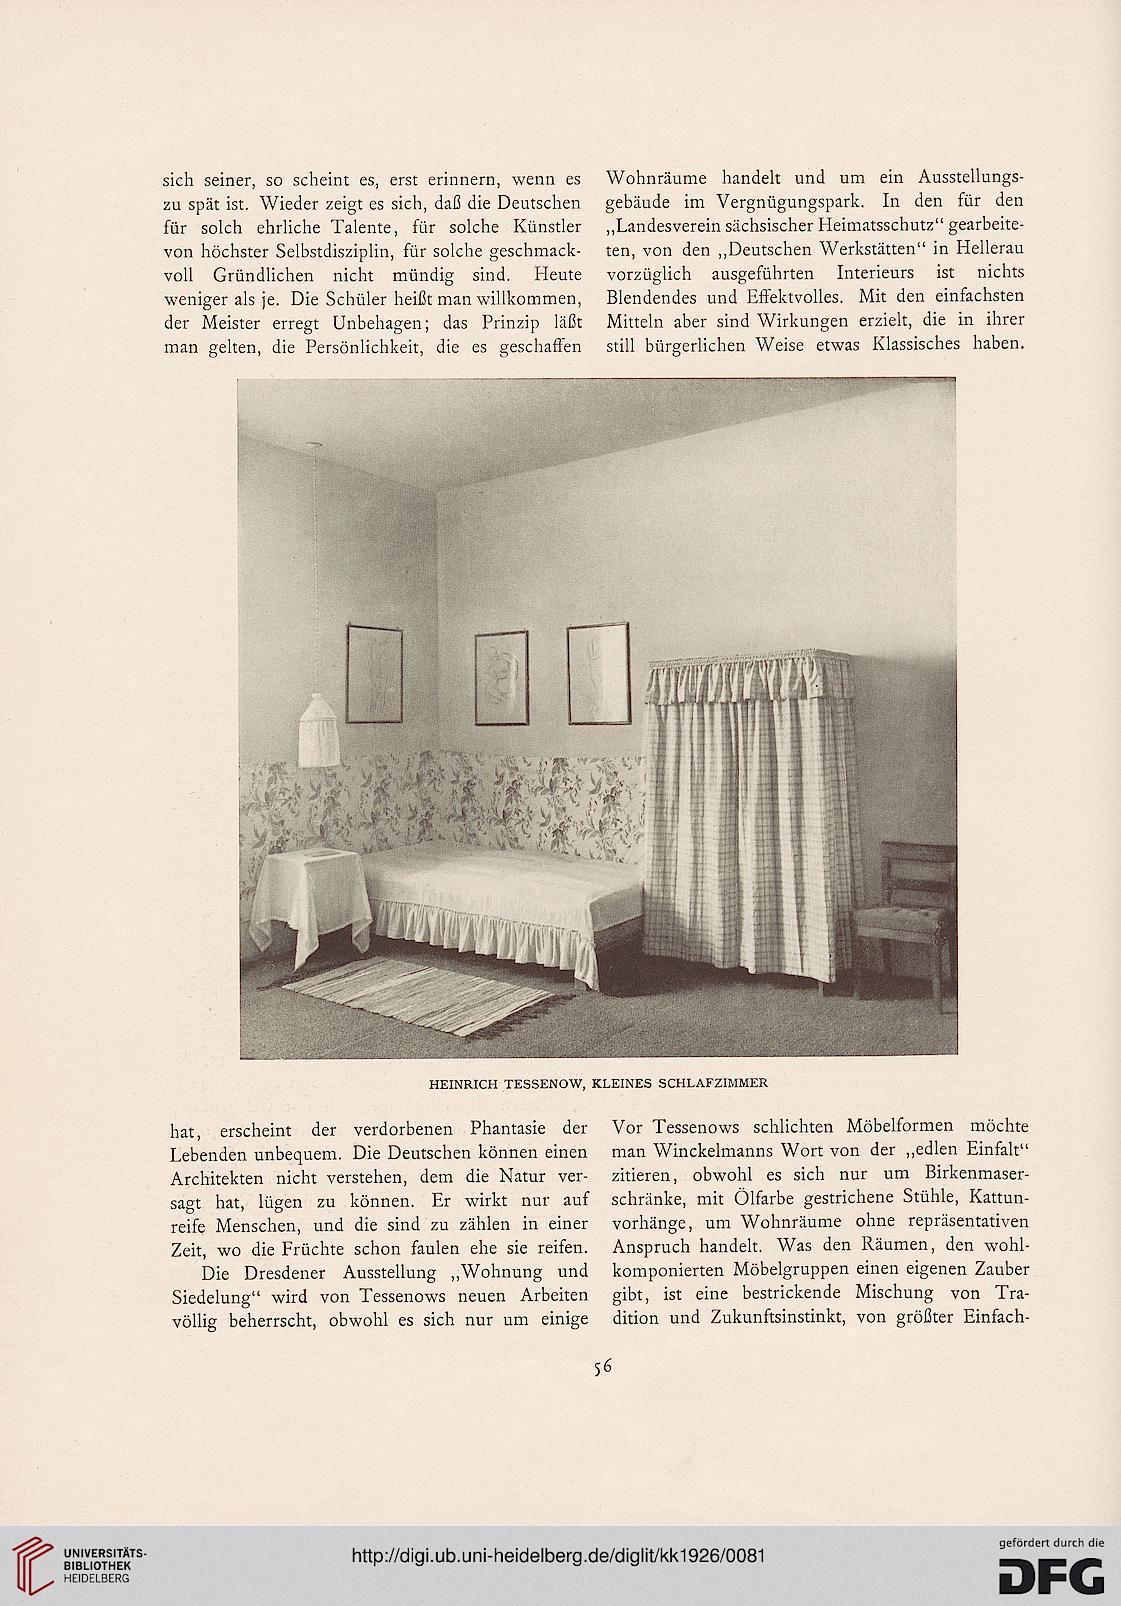 Heidelberger Historische Bestände U2013 Digital